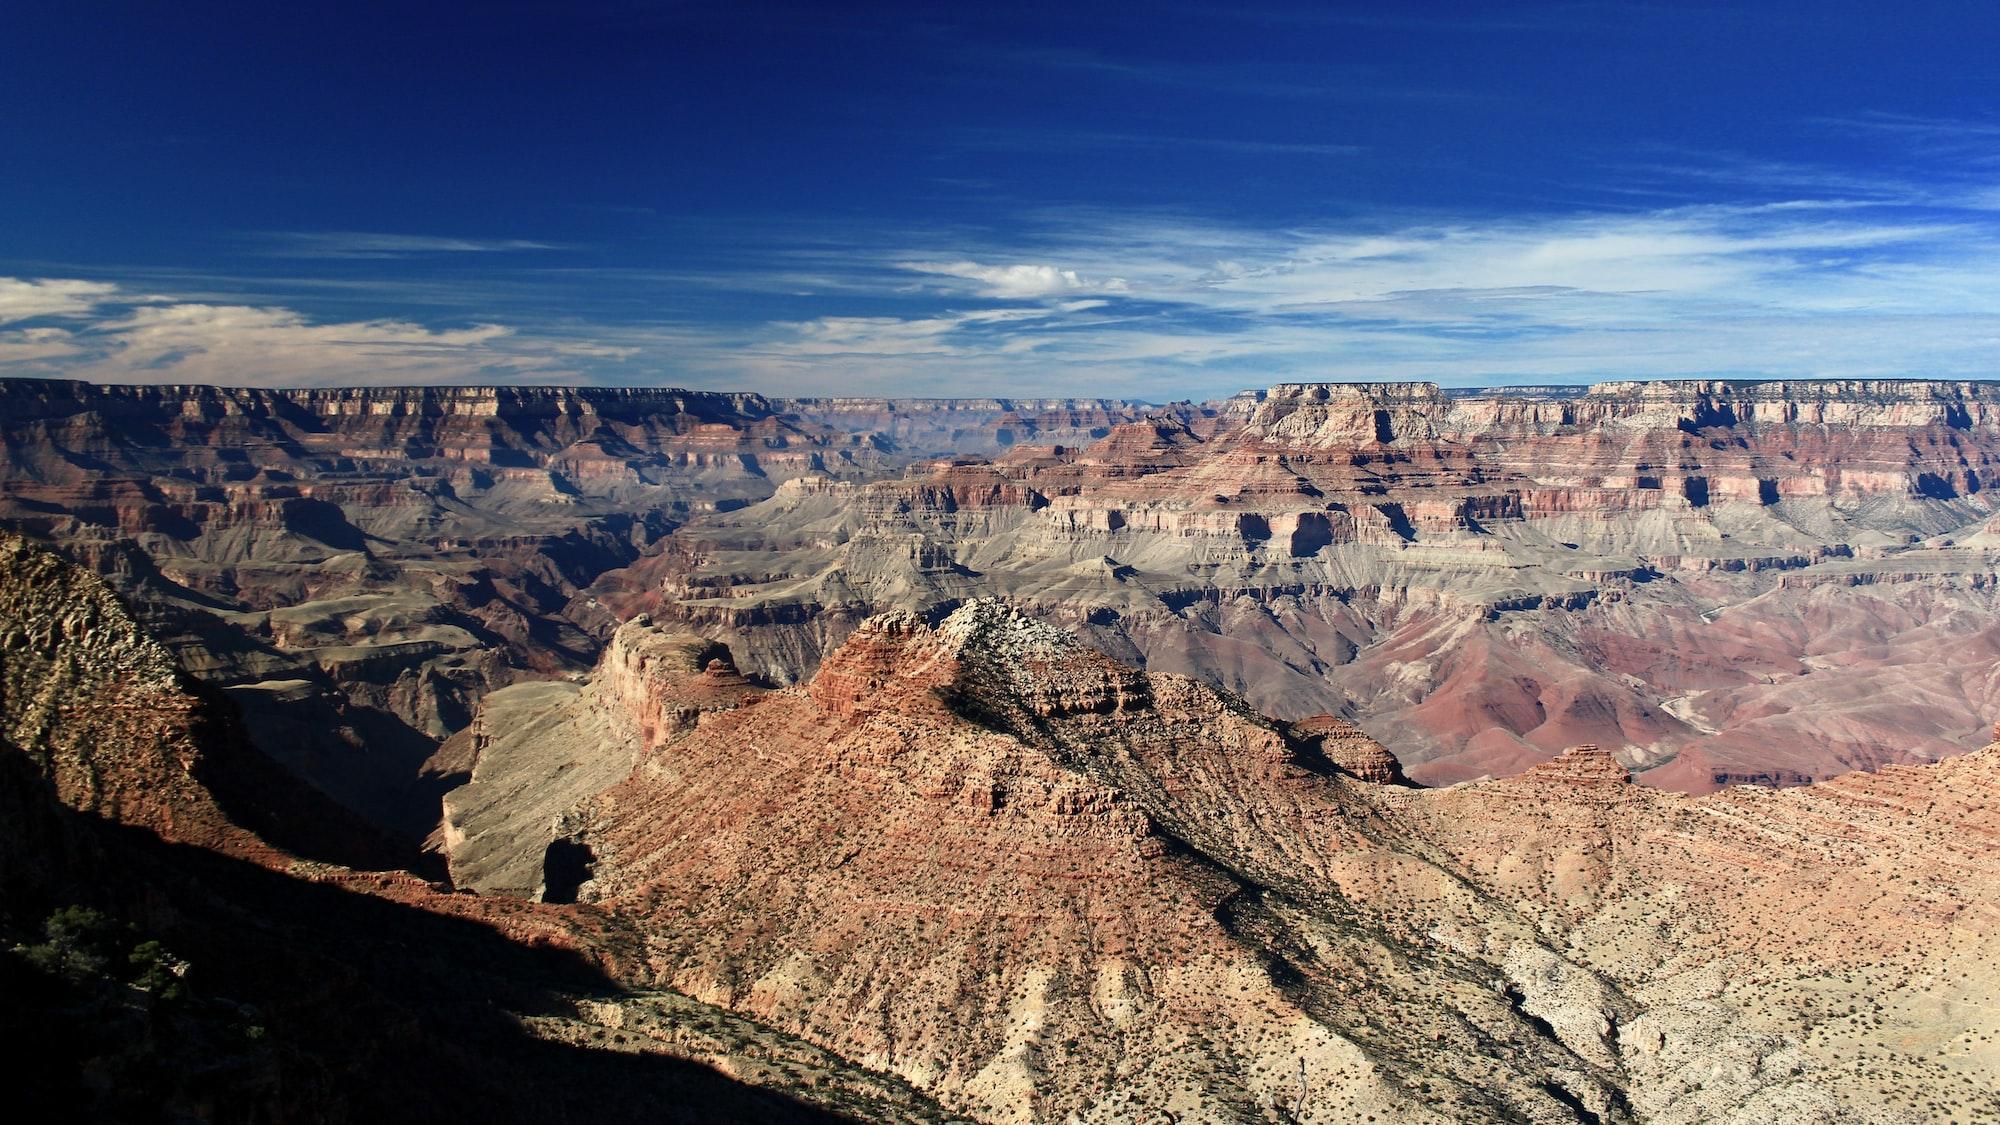 The Grand Panoramic